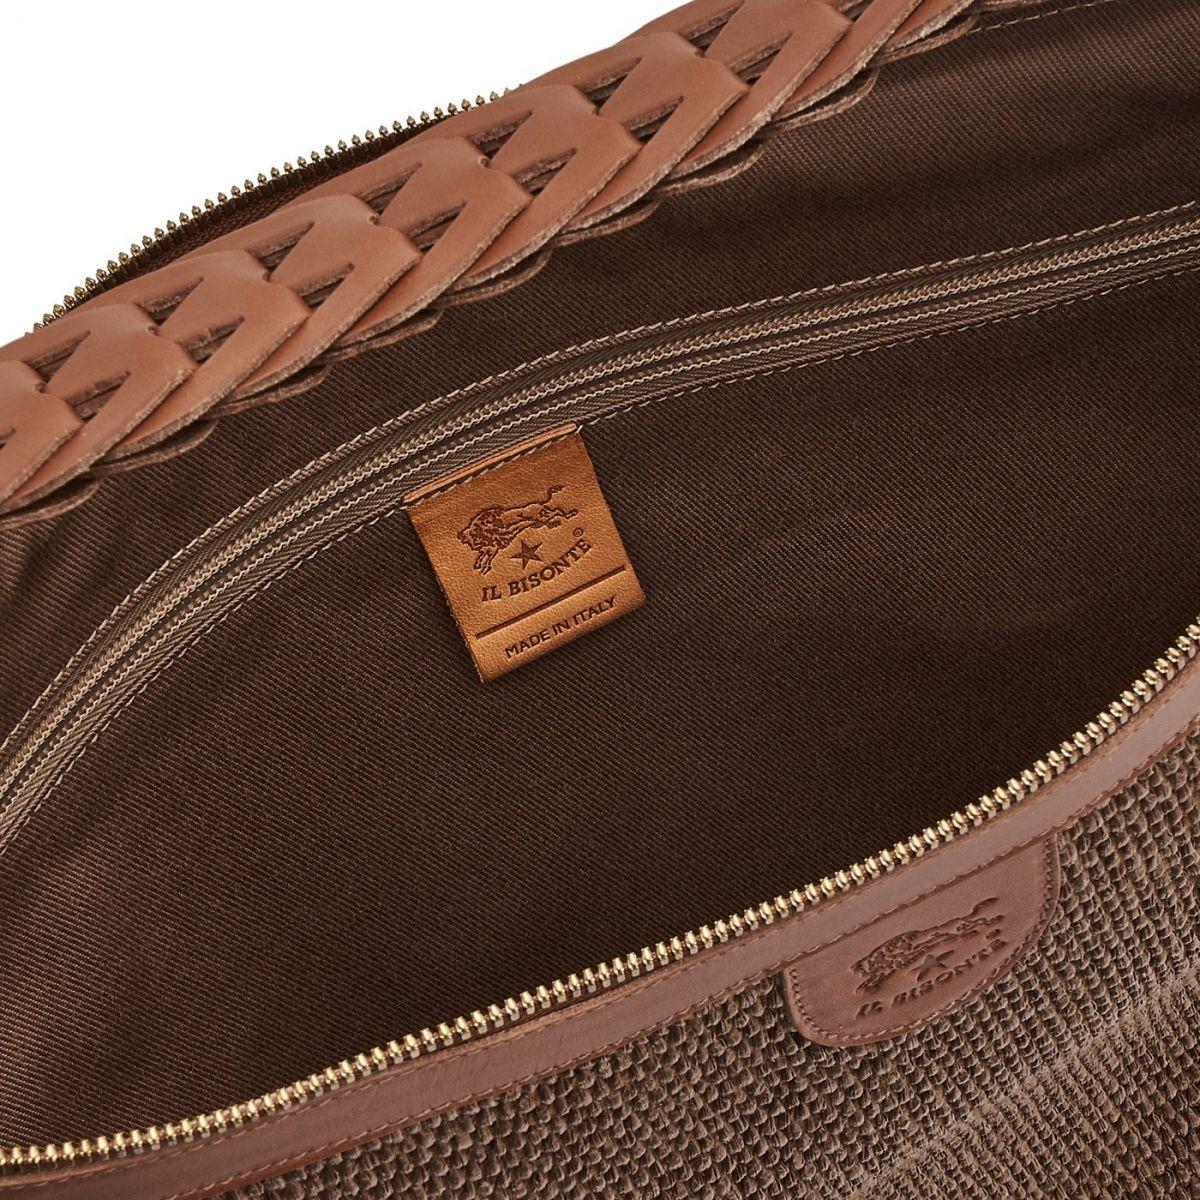 Women's Shoulder Bag  in Multi Fabric BSH088 color Brown | Details